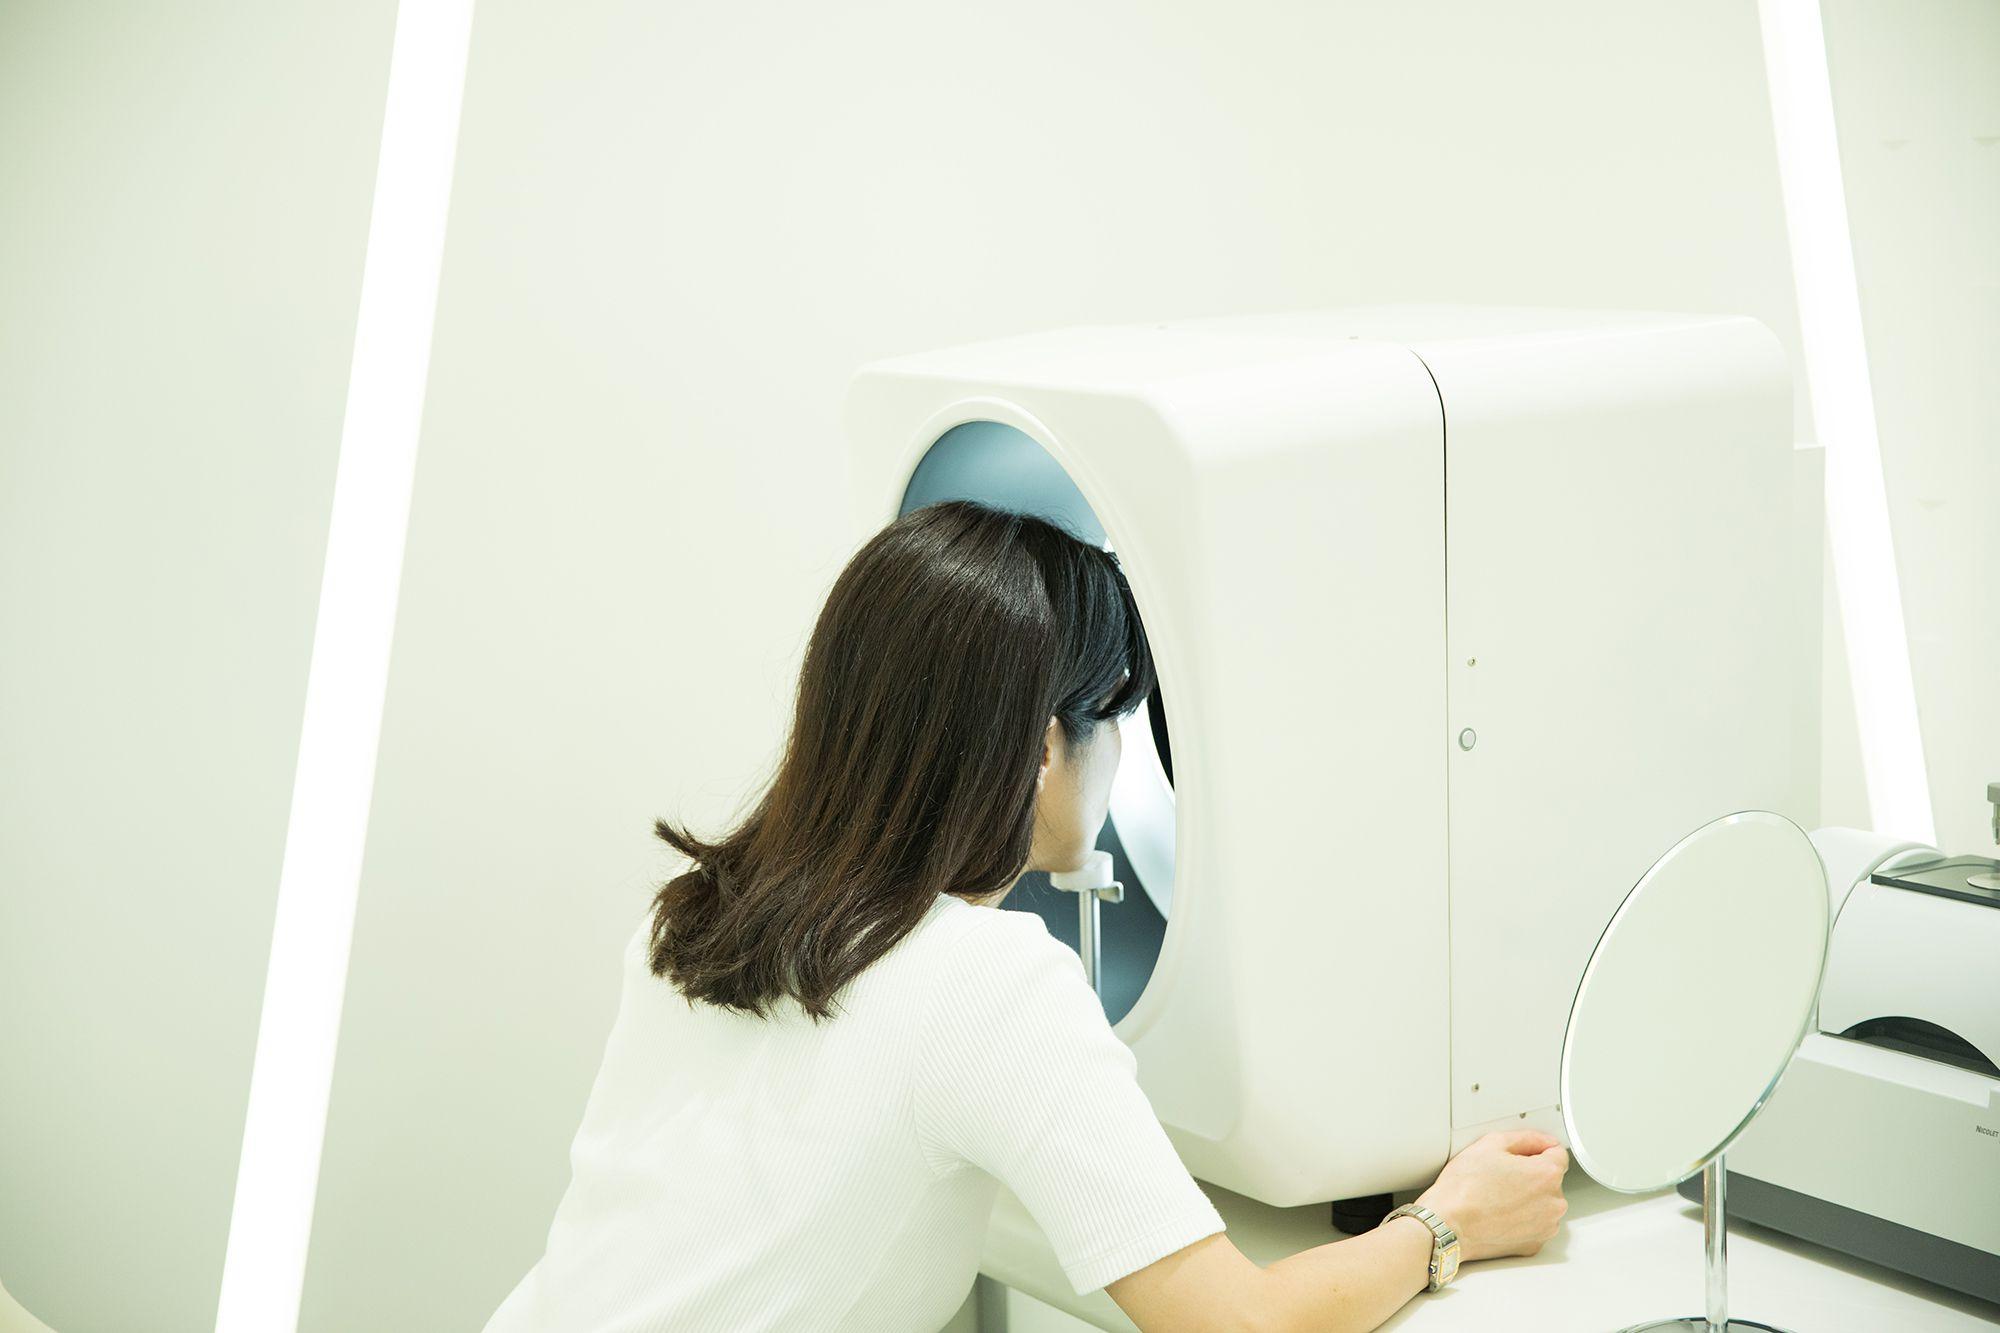 ソフィーナ肌解析機器